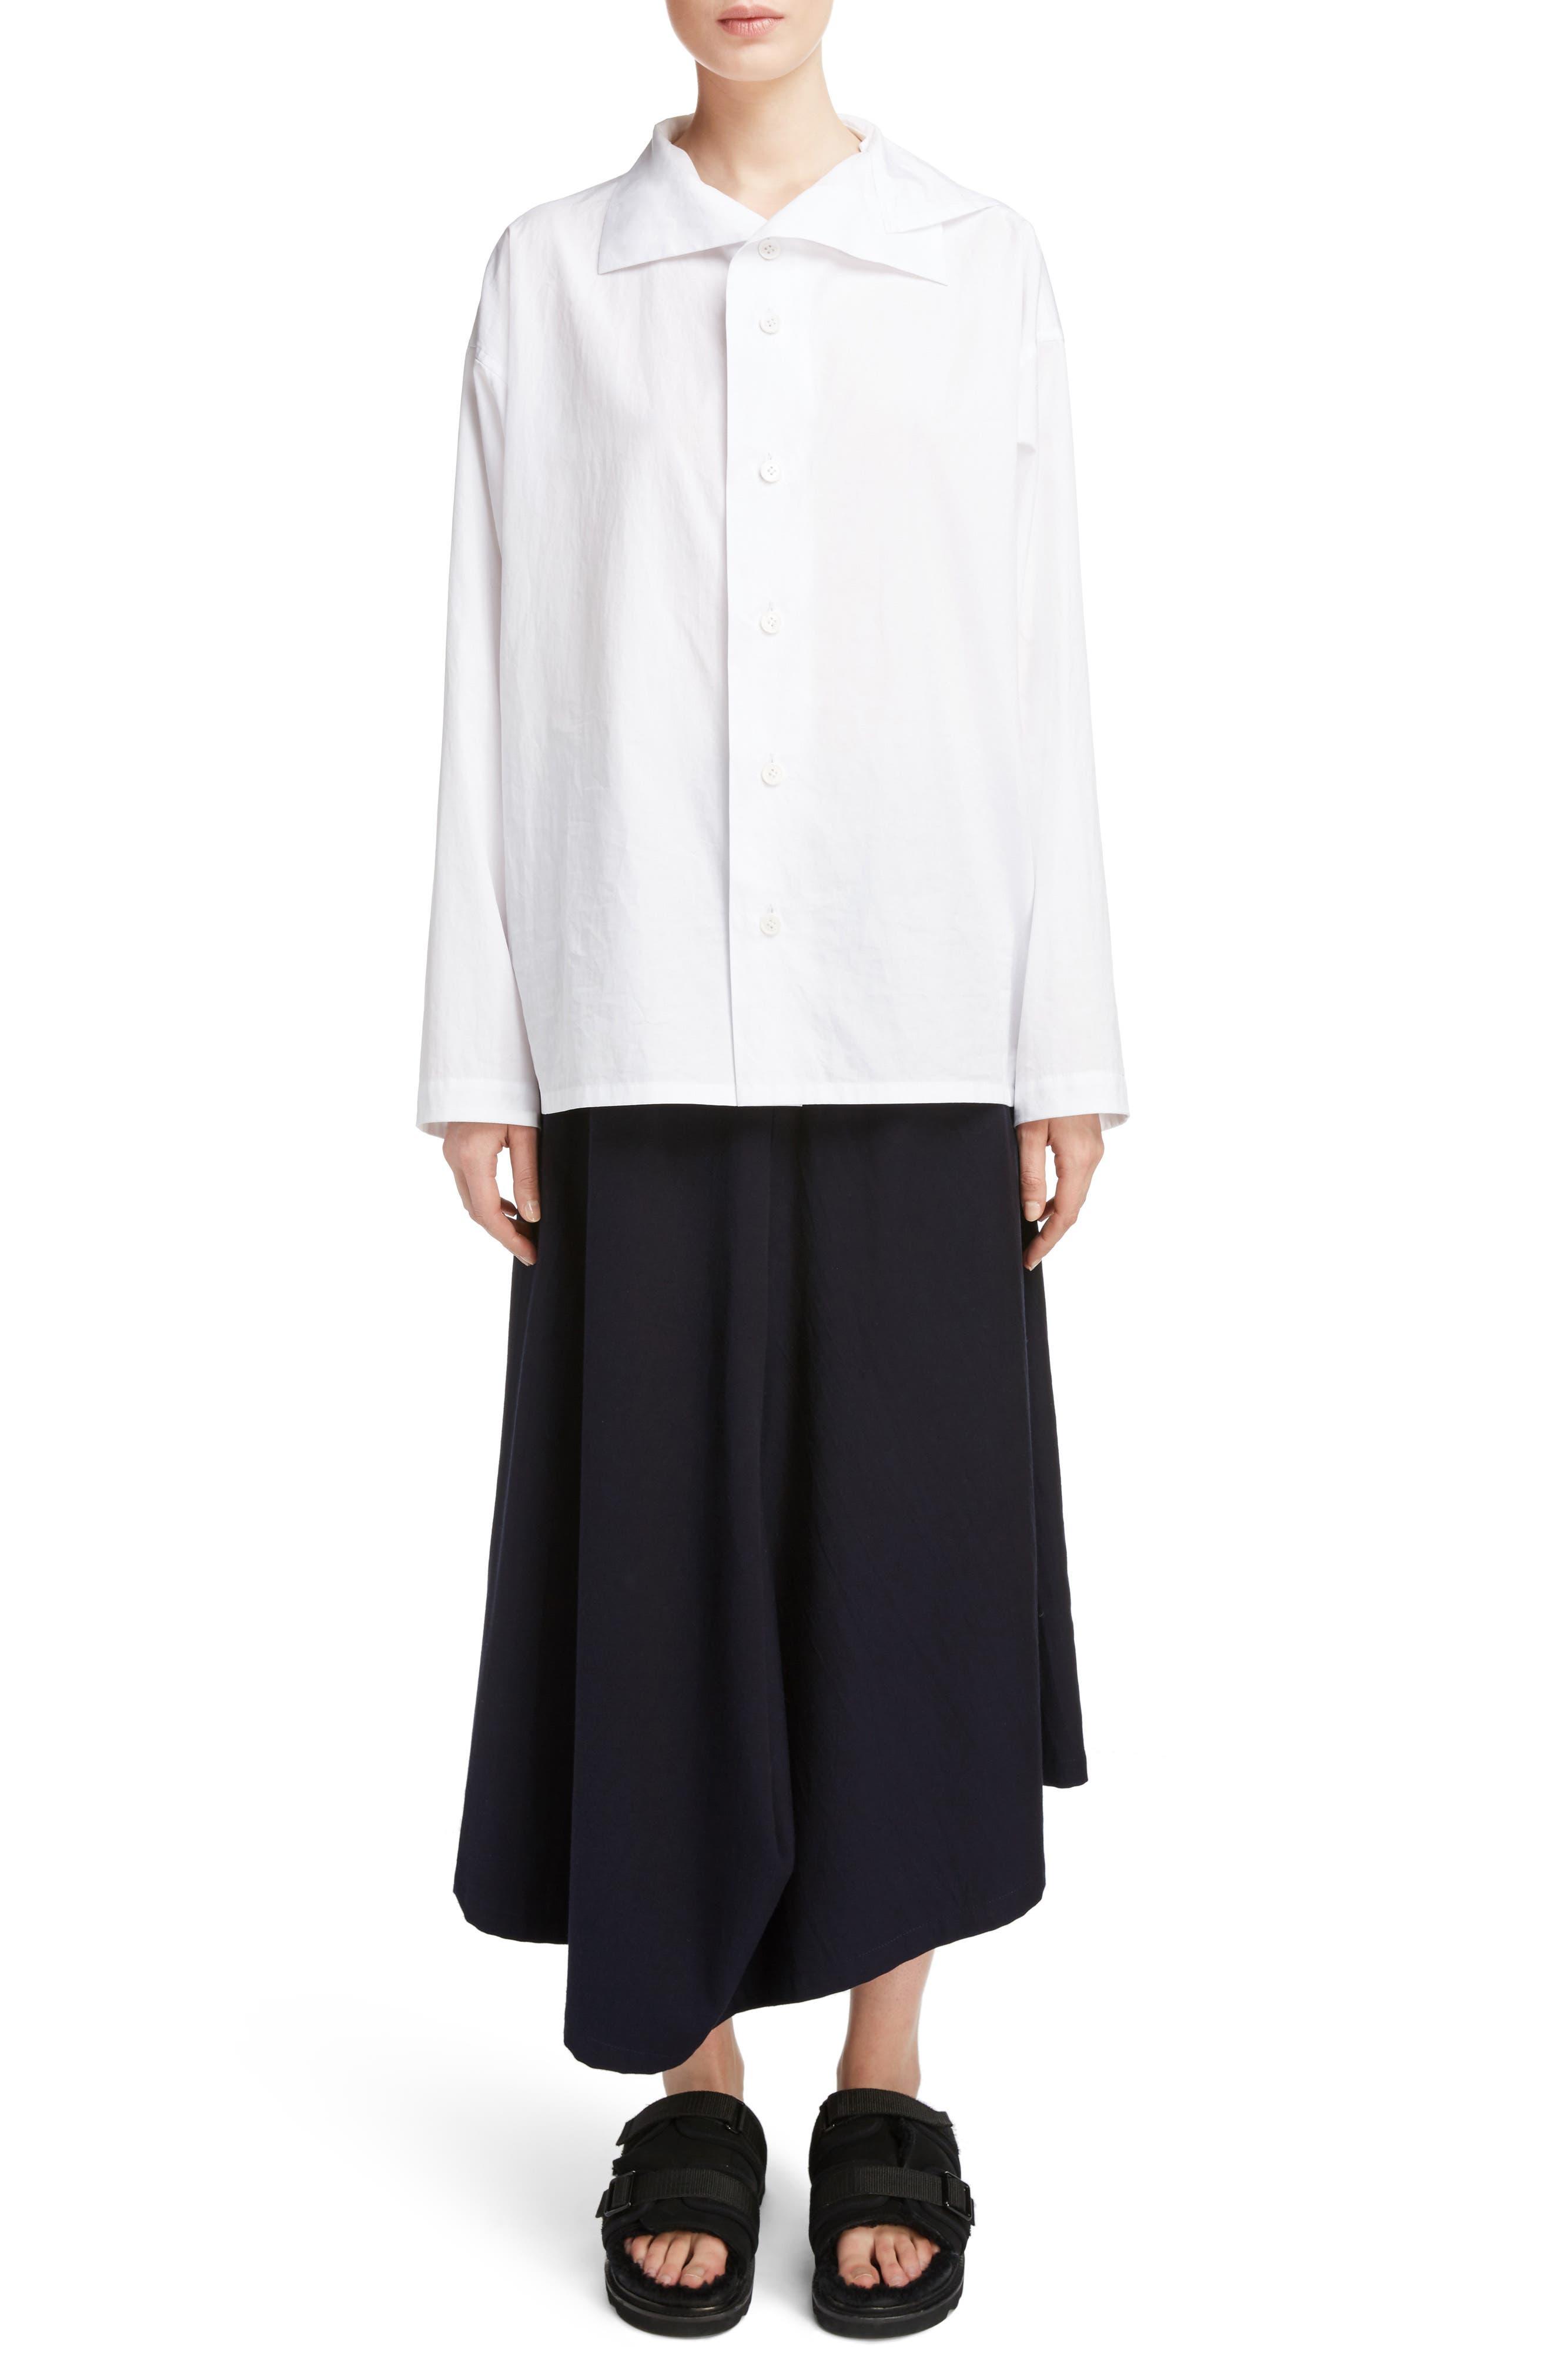 YS BY YOHJI YAMAMOTO Asymmetrical Collar Blouse